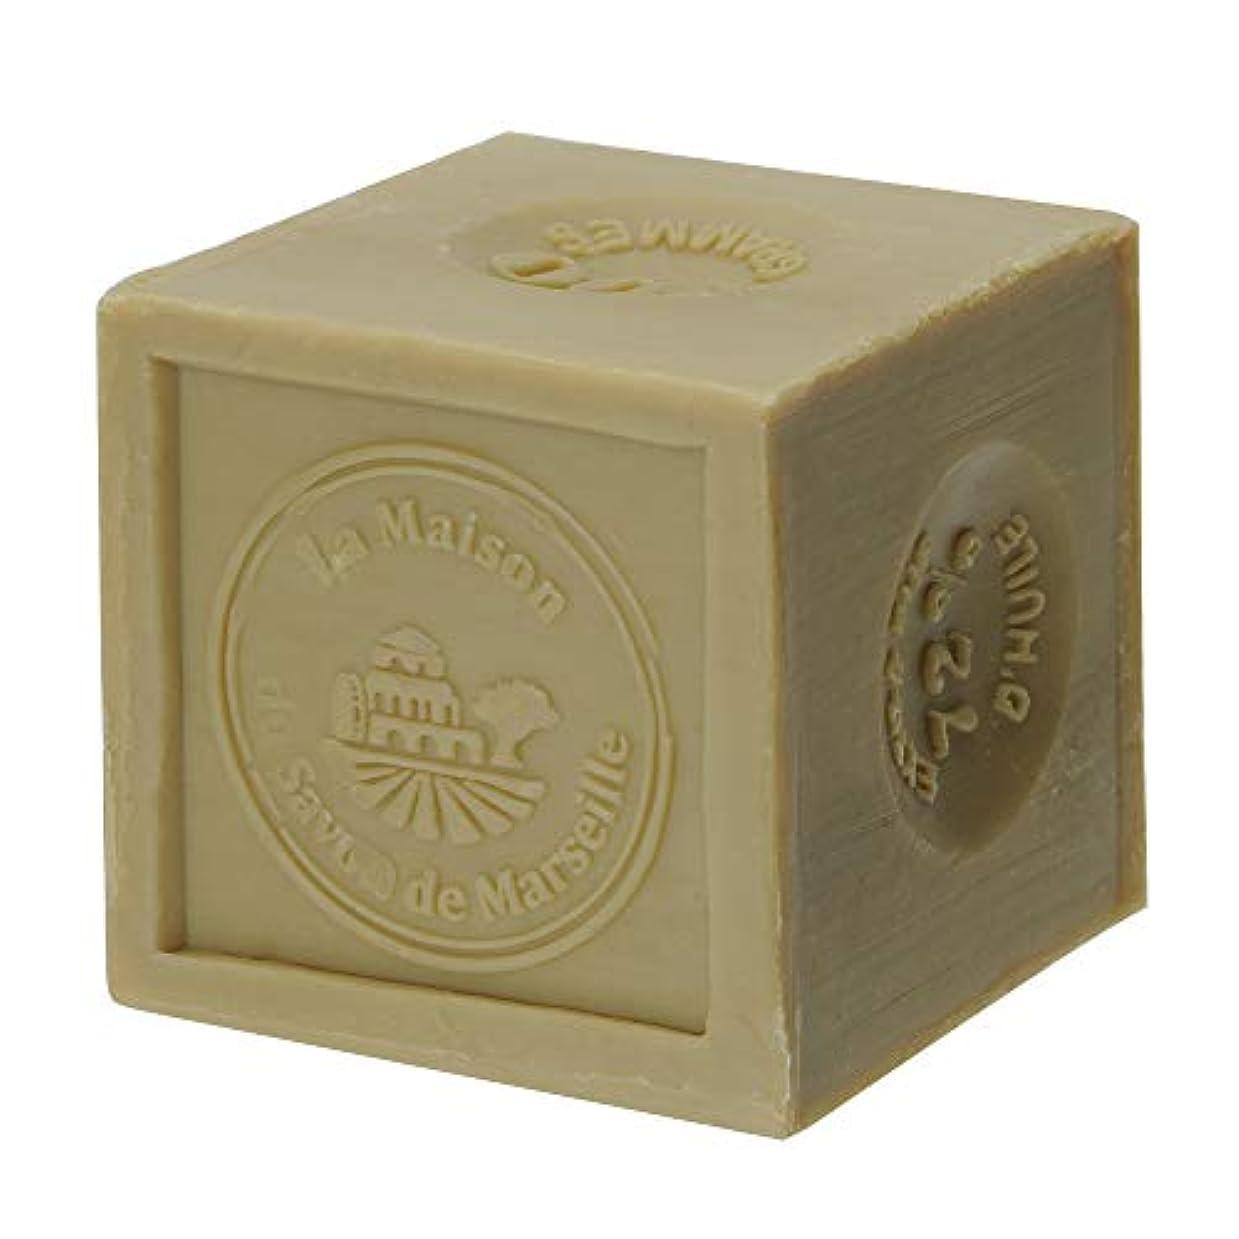 ツーリスト追い払う全体にノルコーポレーション マルセイユ石鹸 オリーブ UPSM認証マーク付き 300g MLL-3-1